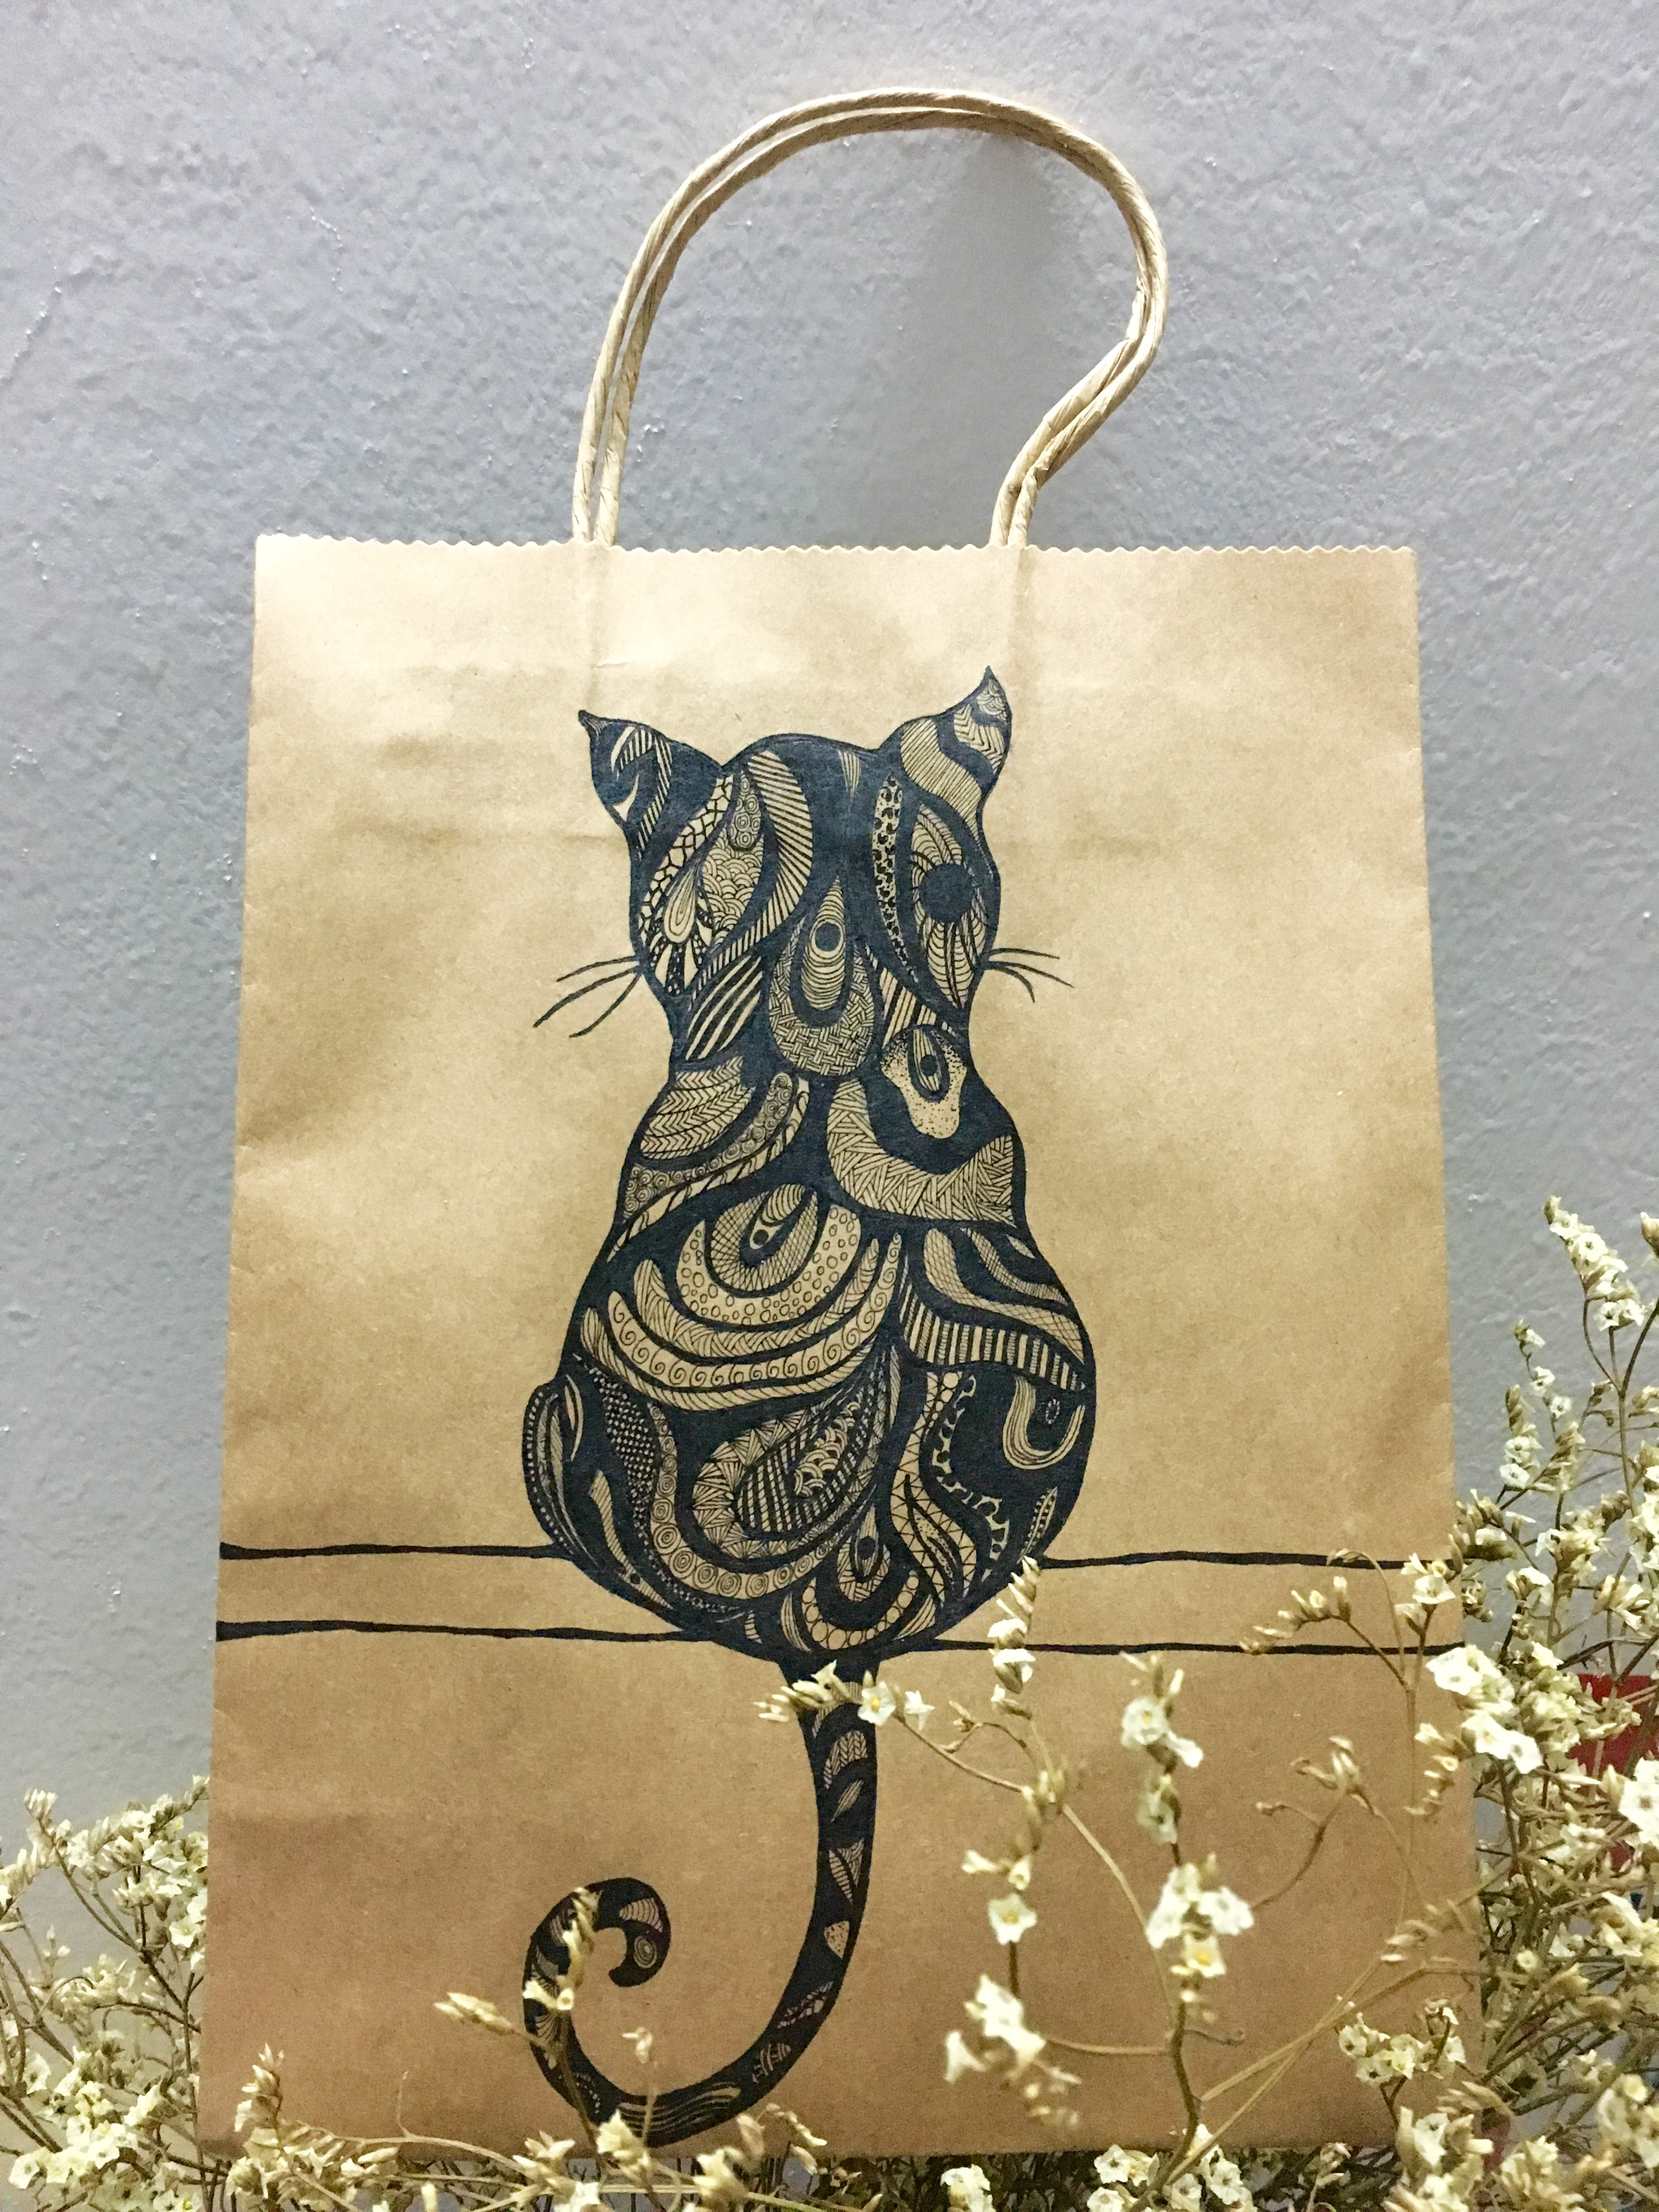 手绘插画手提袋